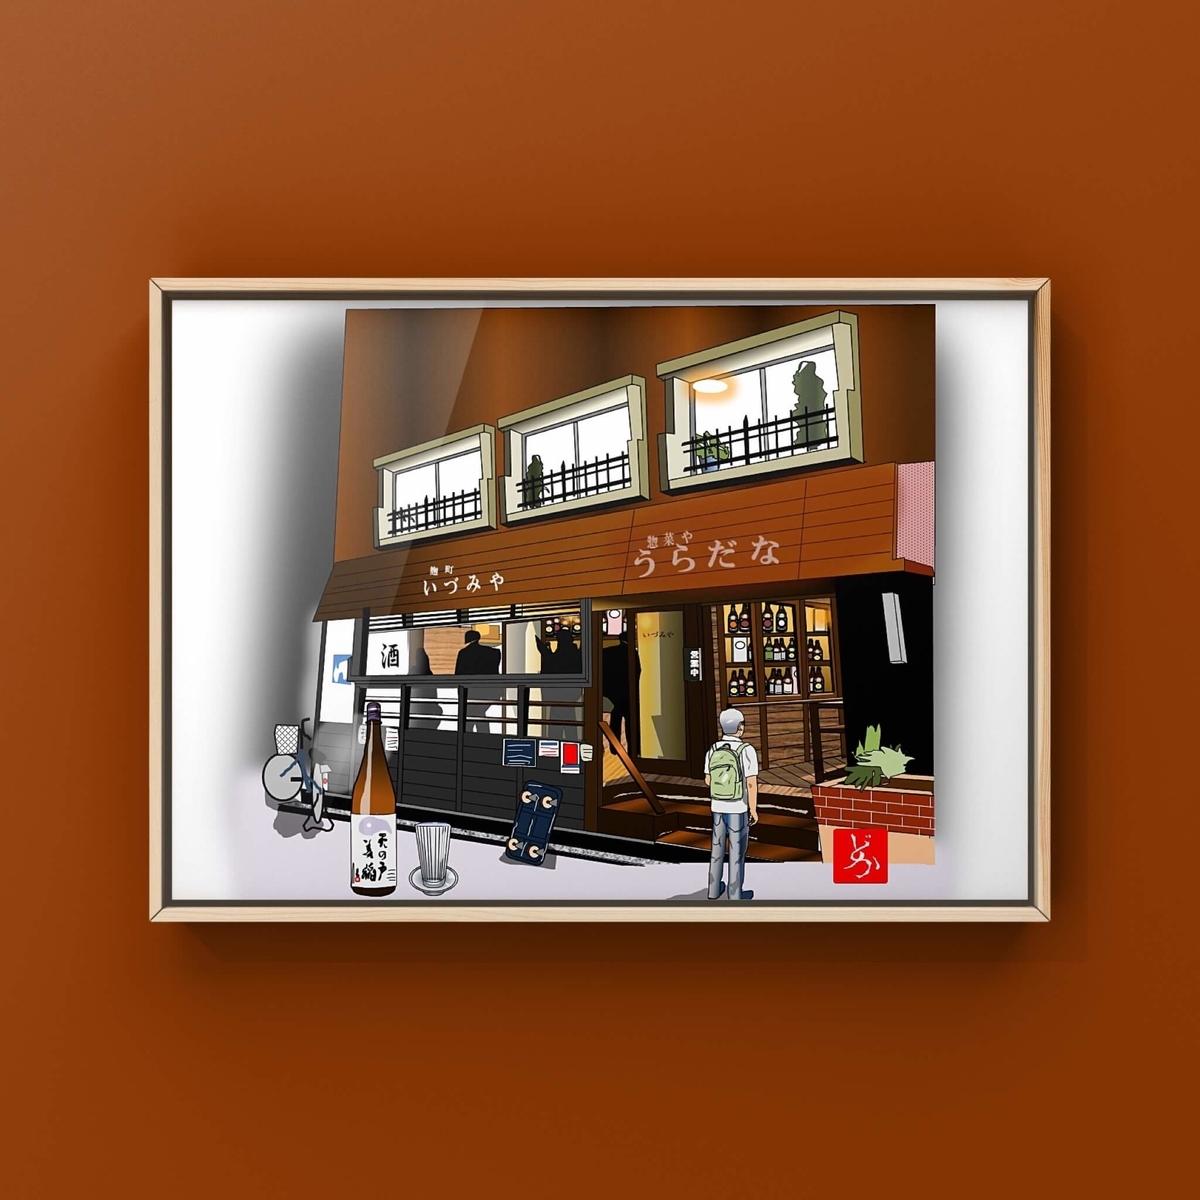 麹町の角打ち「いづみや」のエクセル画イラスト額装版